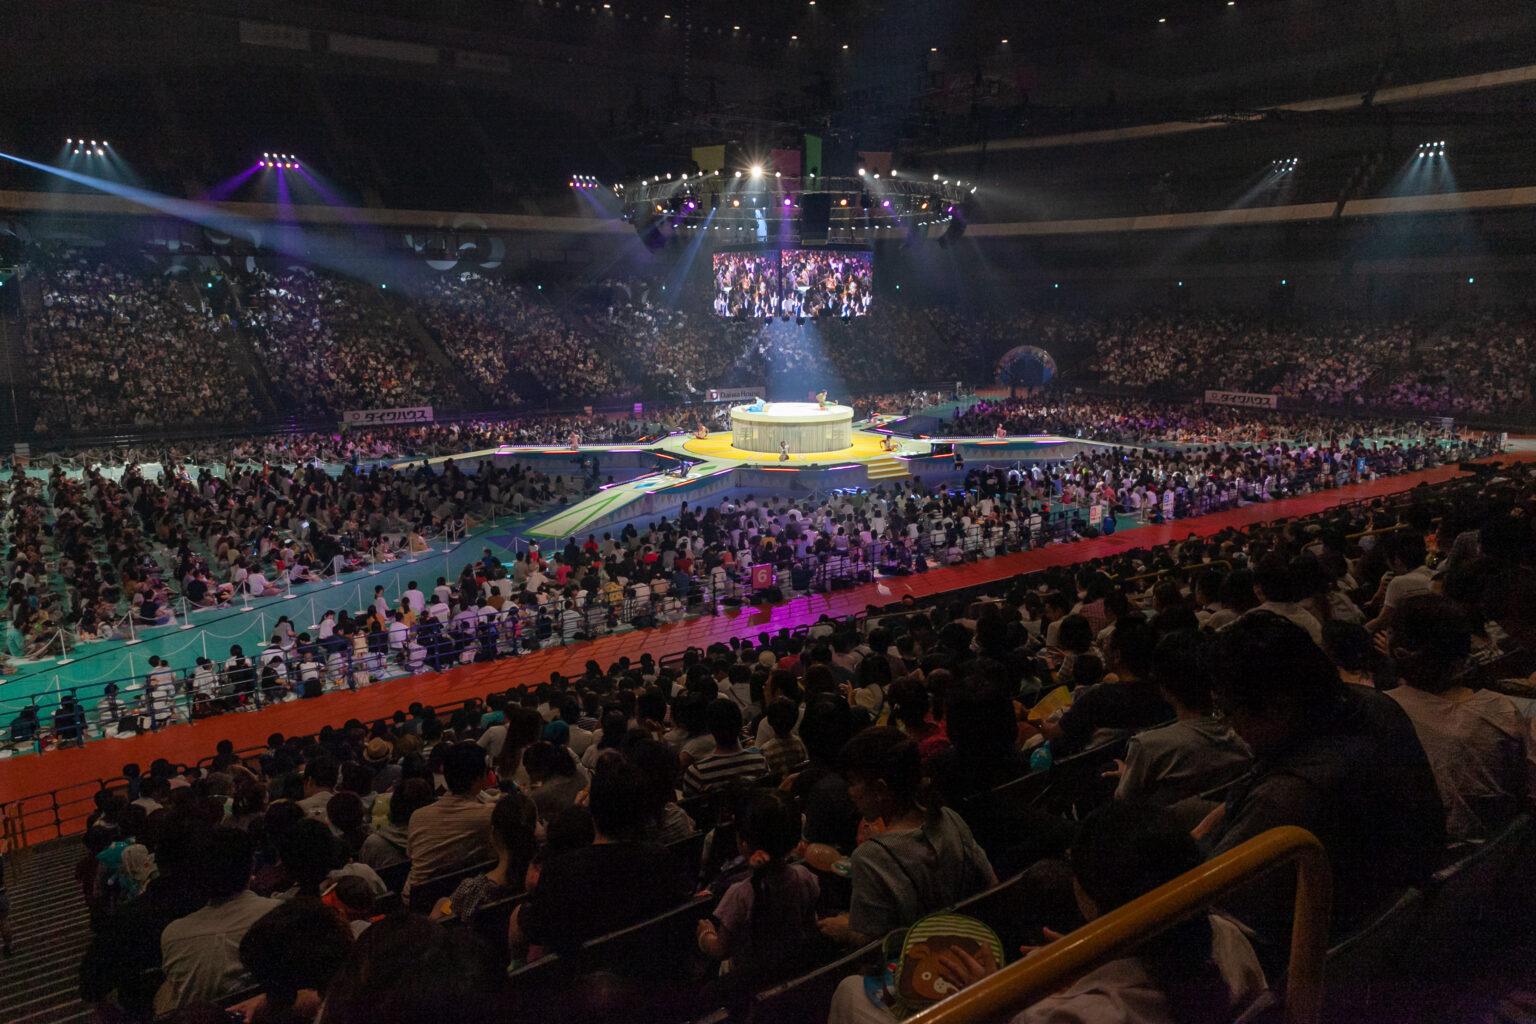 おかあさんといっしょスペシャルステージ2019-2